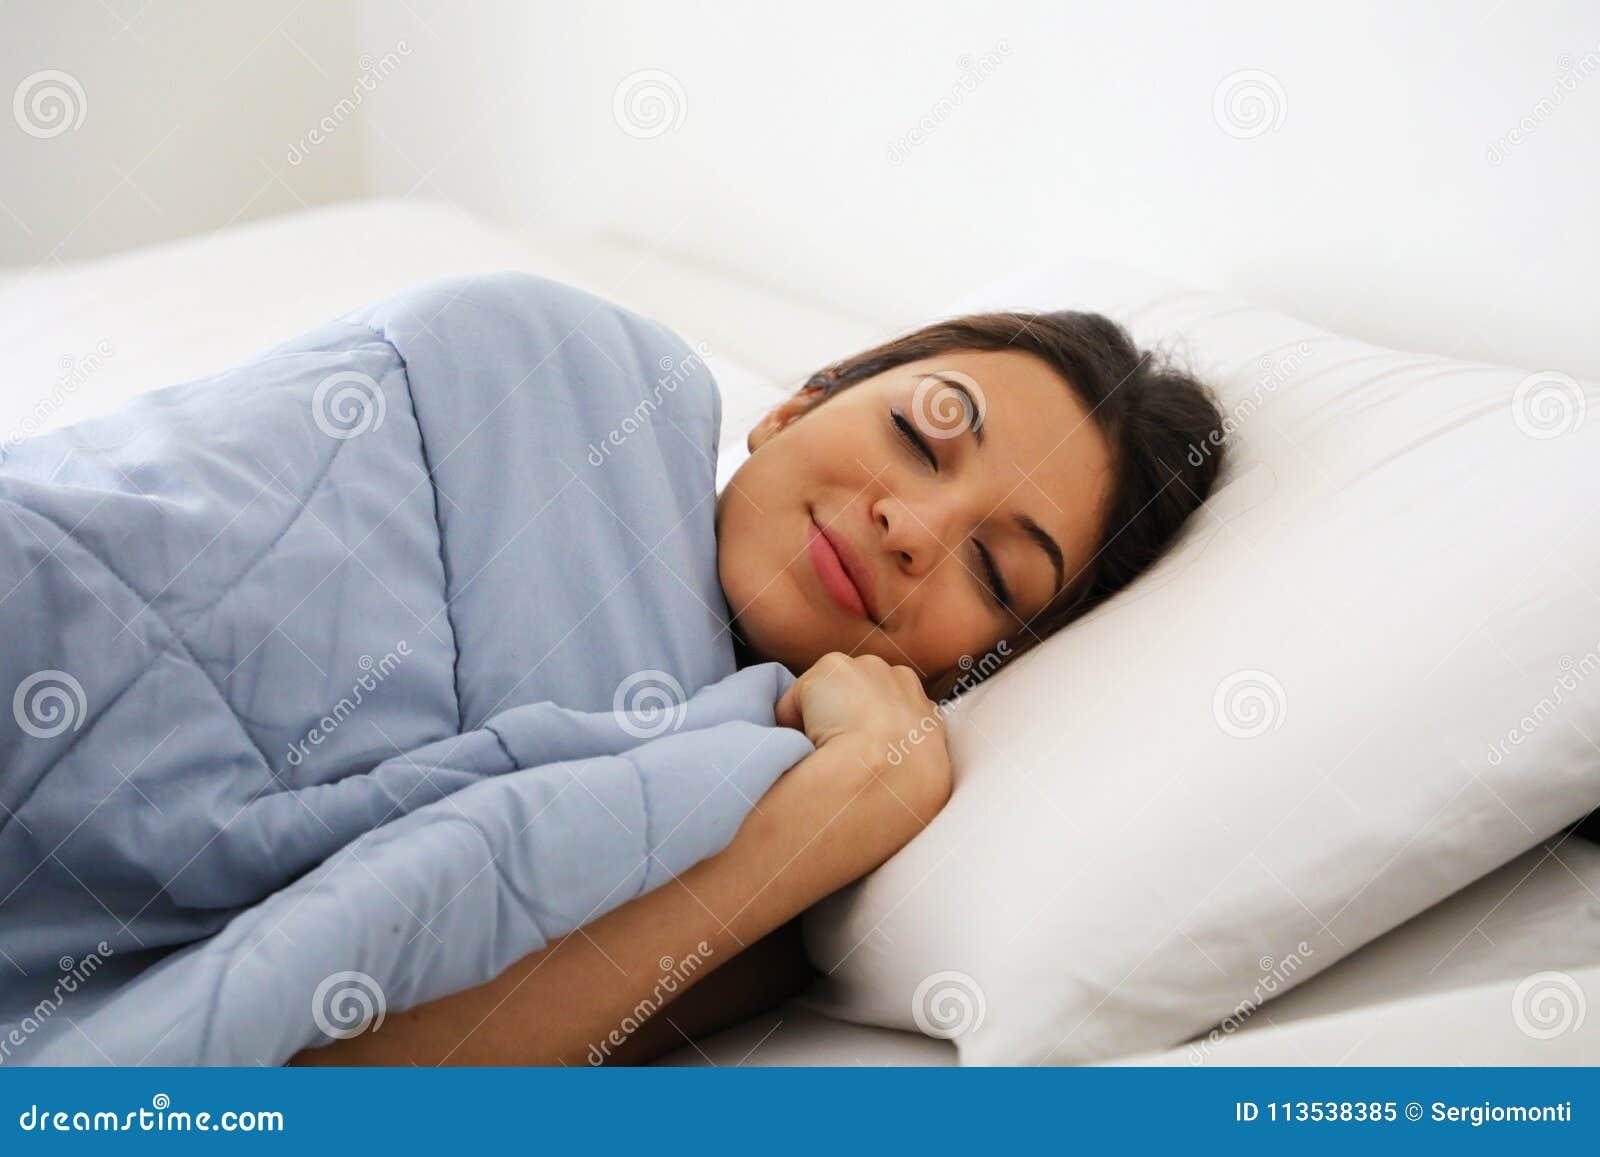 Mujer bastante joven del retrato debajo de la manta en el apartamento moderno por la mañana Ella mantiene ojos cerrados y parece